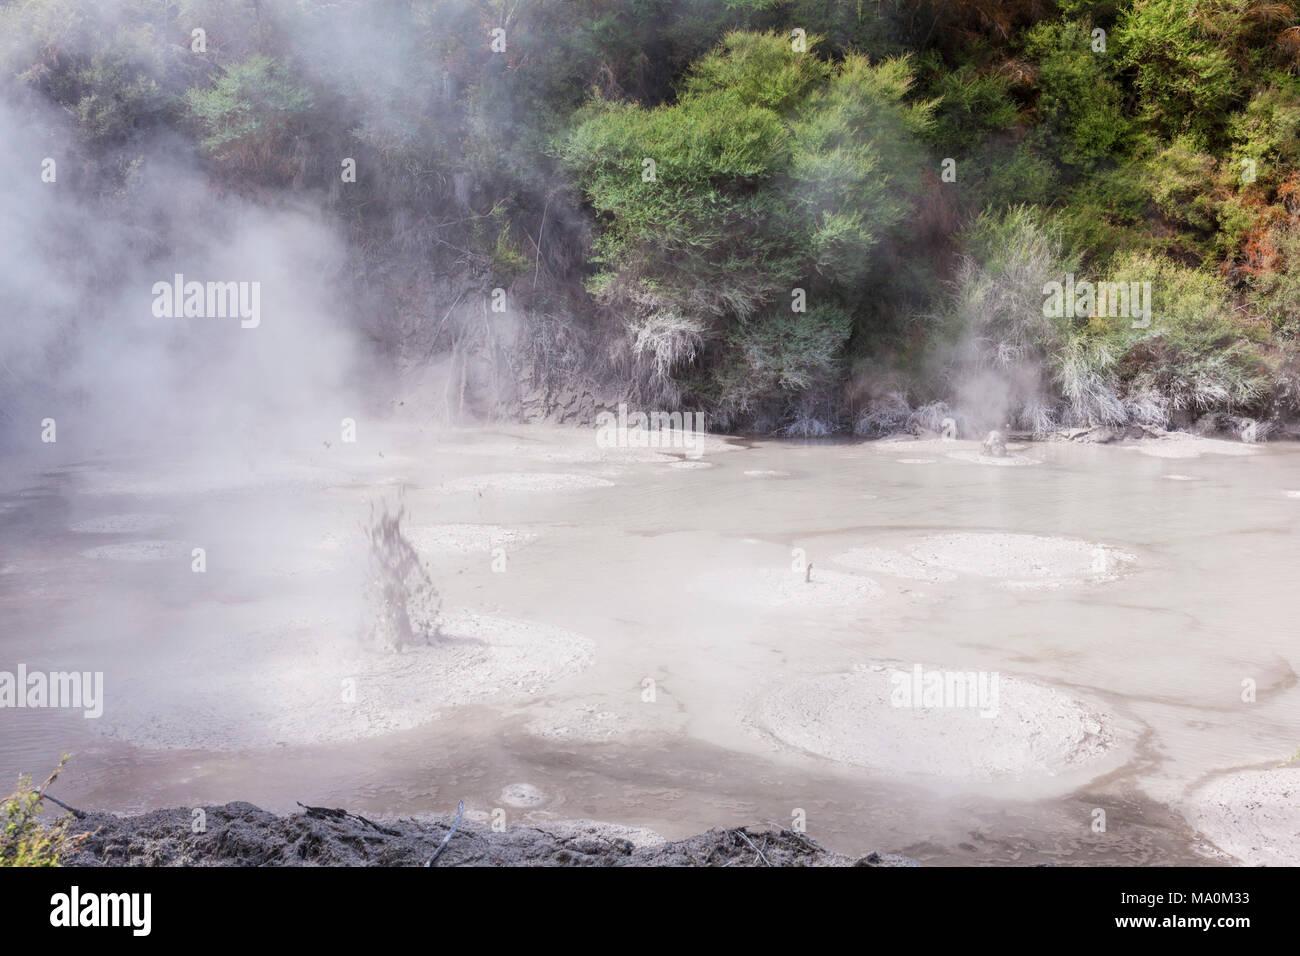 Nuova Zelanda WAI-o-tapu themal wonderland gorgogliamento di ebollizione piscine di fango fango waiotapu pots Rotorua Nuova Zelanda waiotapu Rotorua Nuova Zelanda Immagini Stock